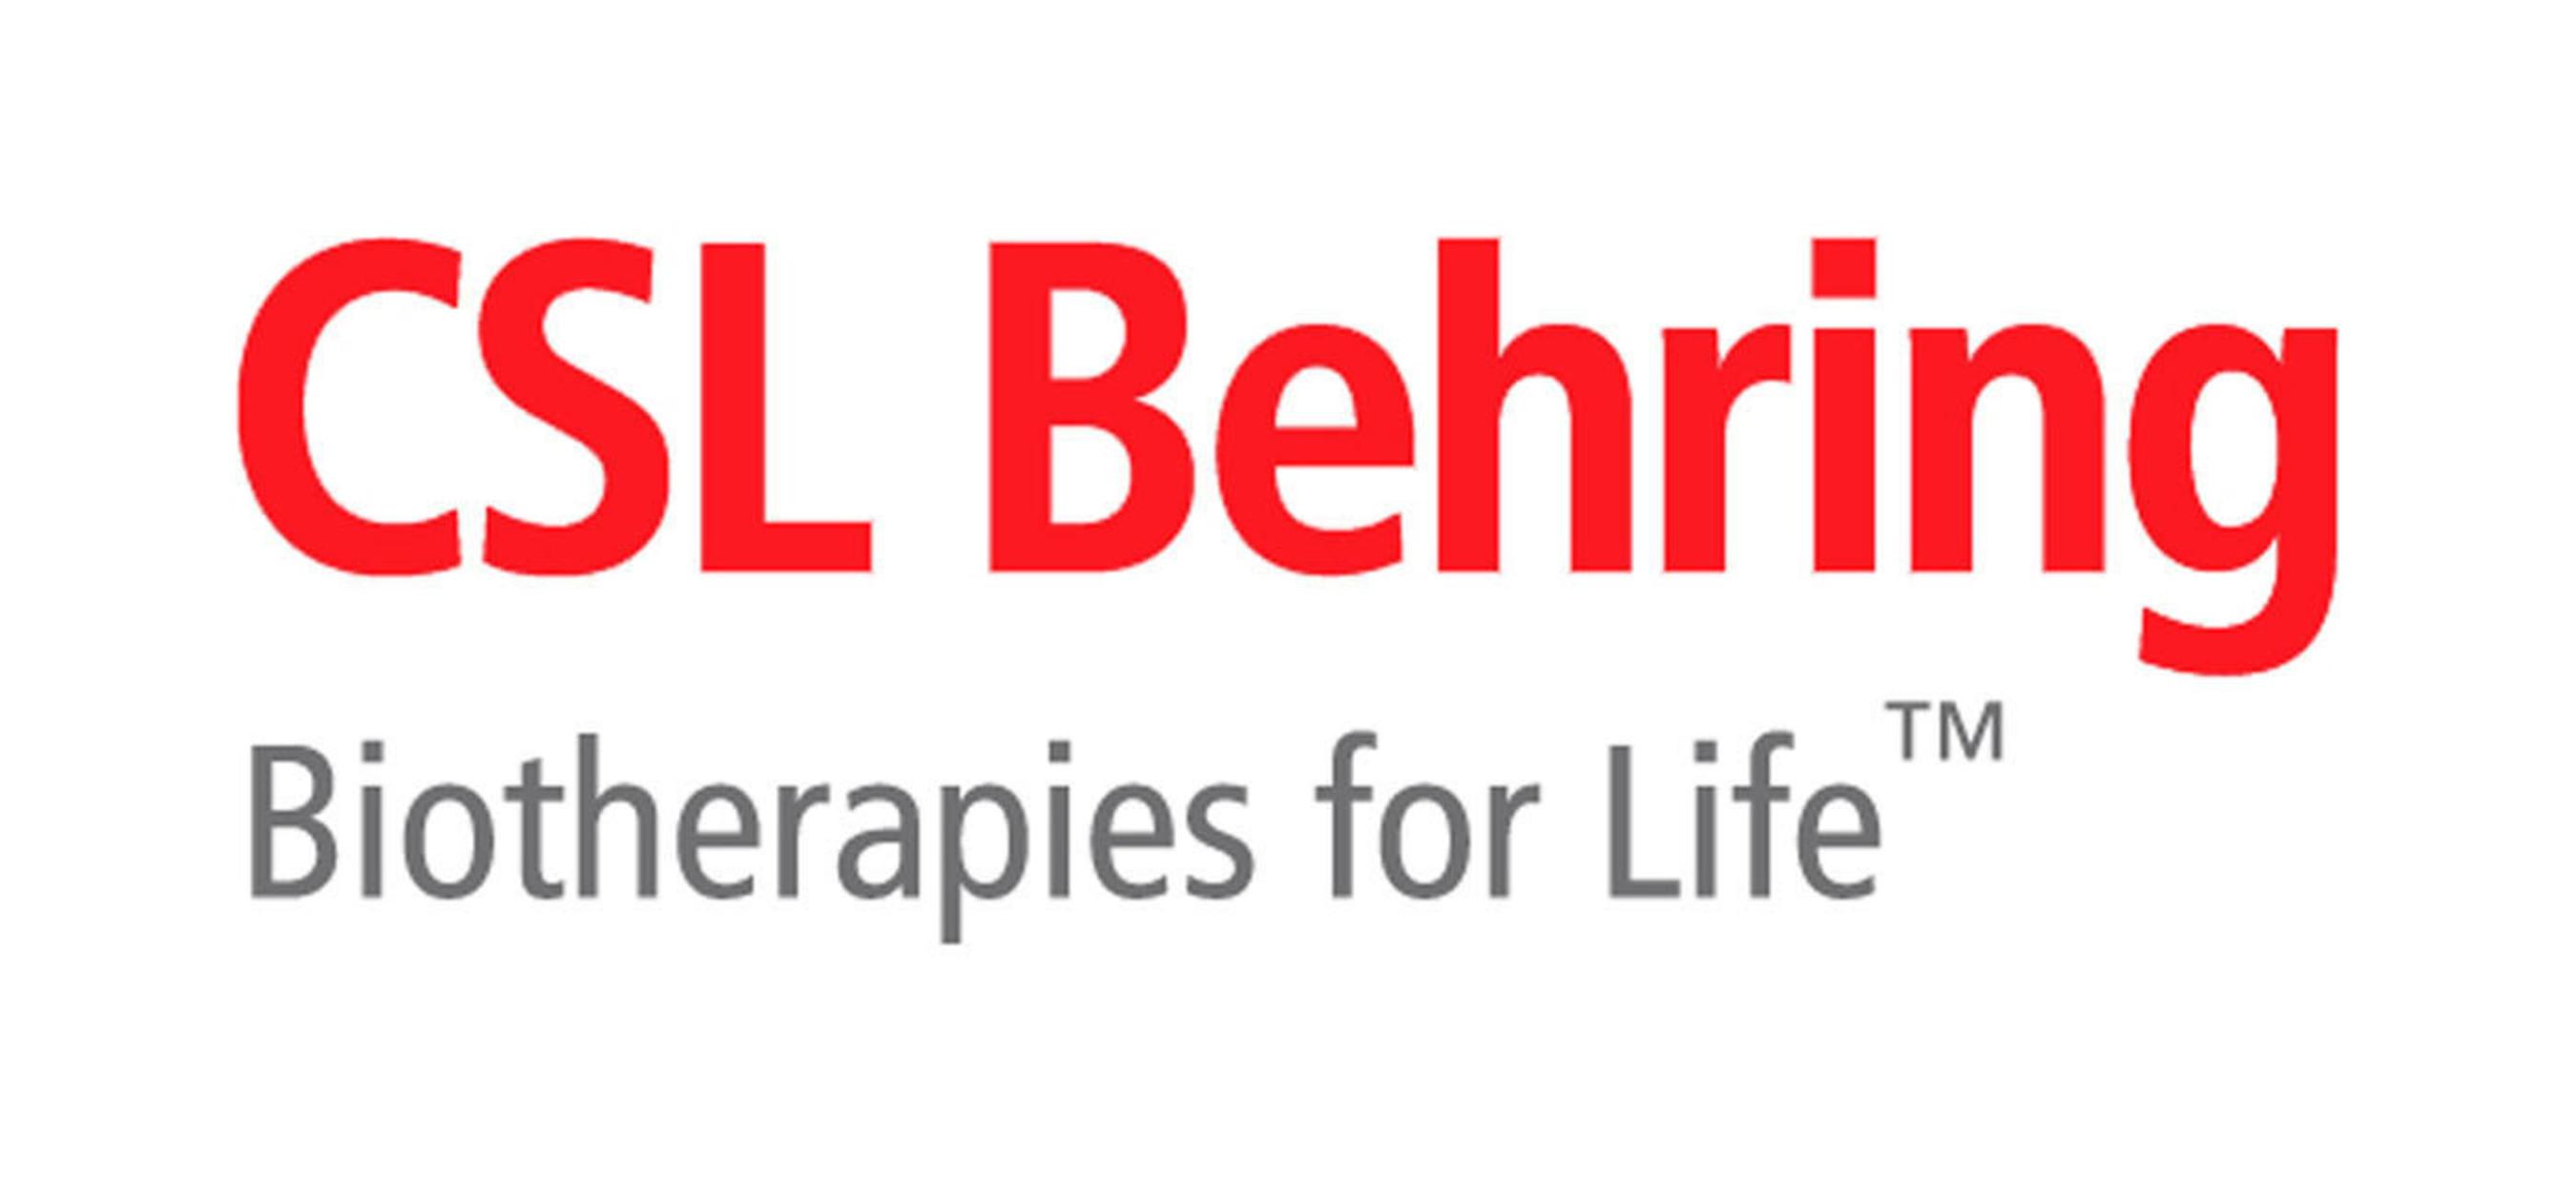 CSL Behring signe un accord de développement stratégique auprès d'Enable Injections afin de